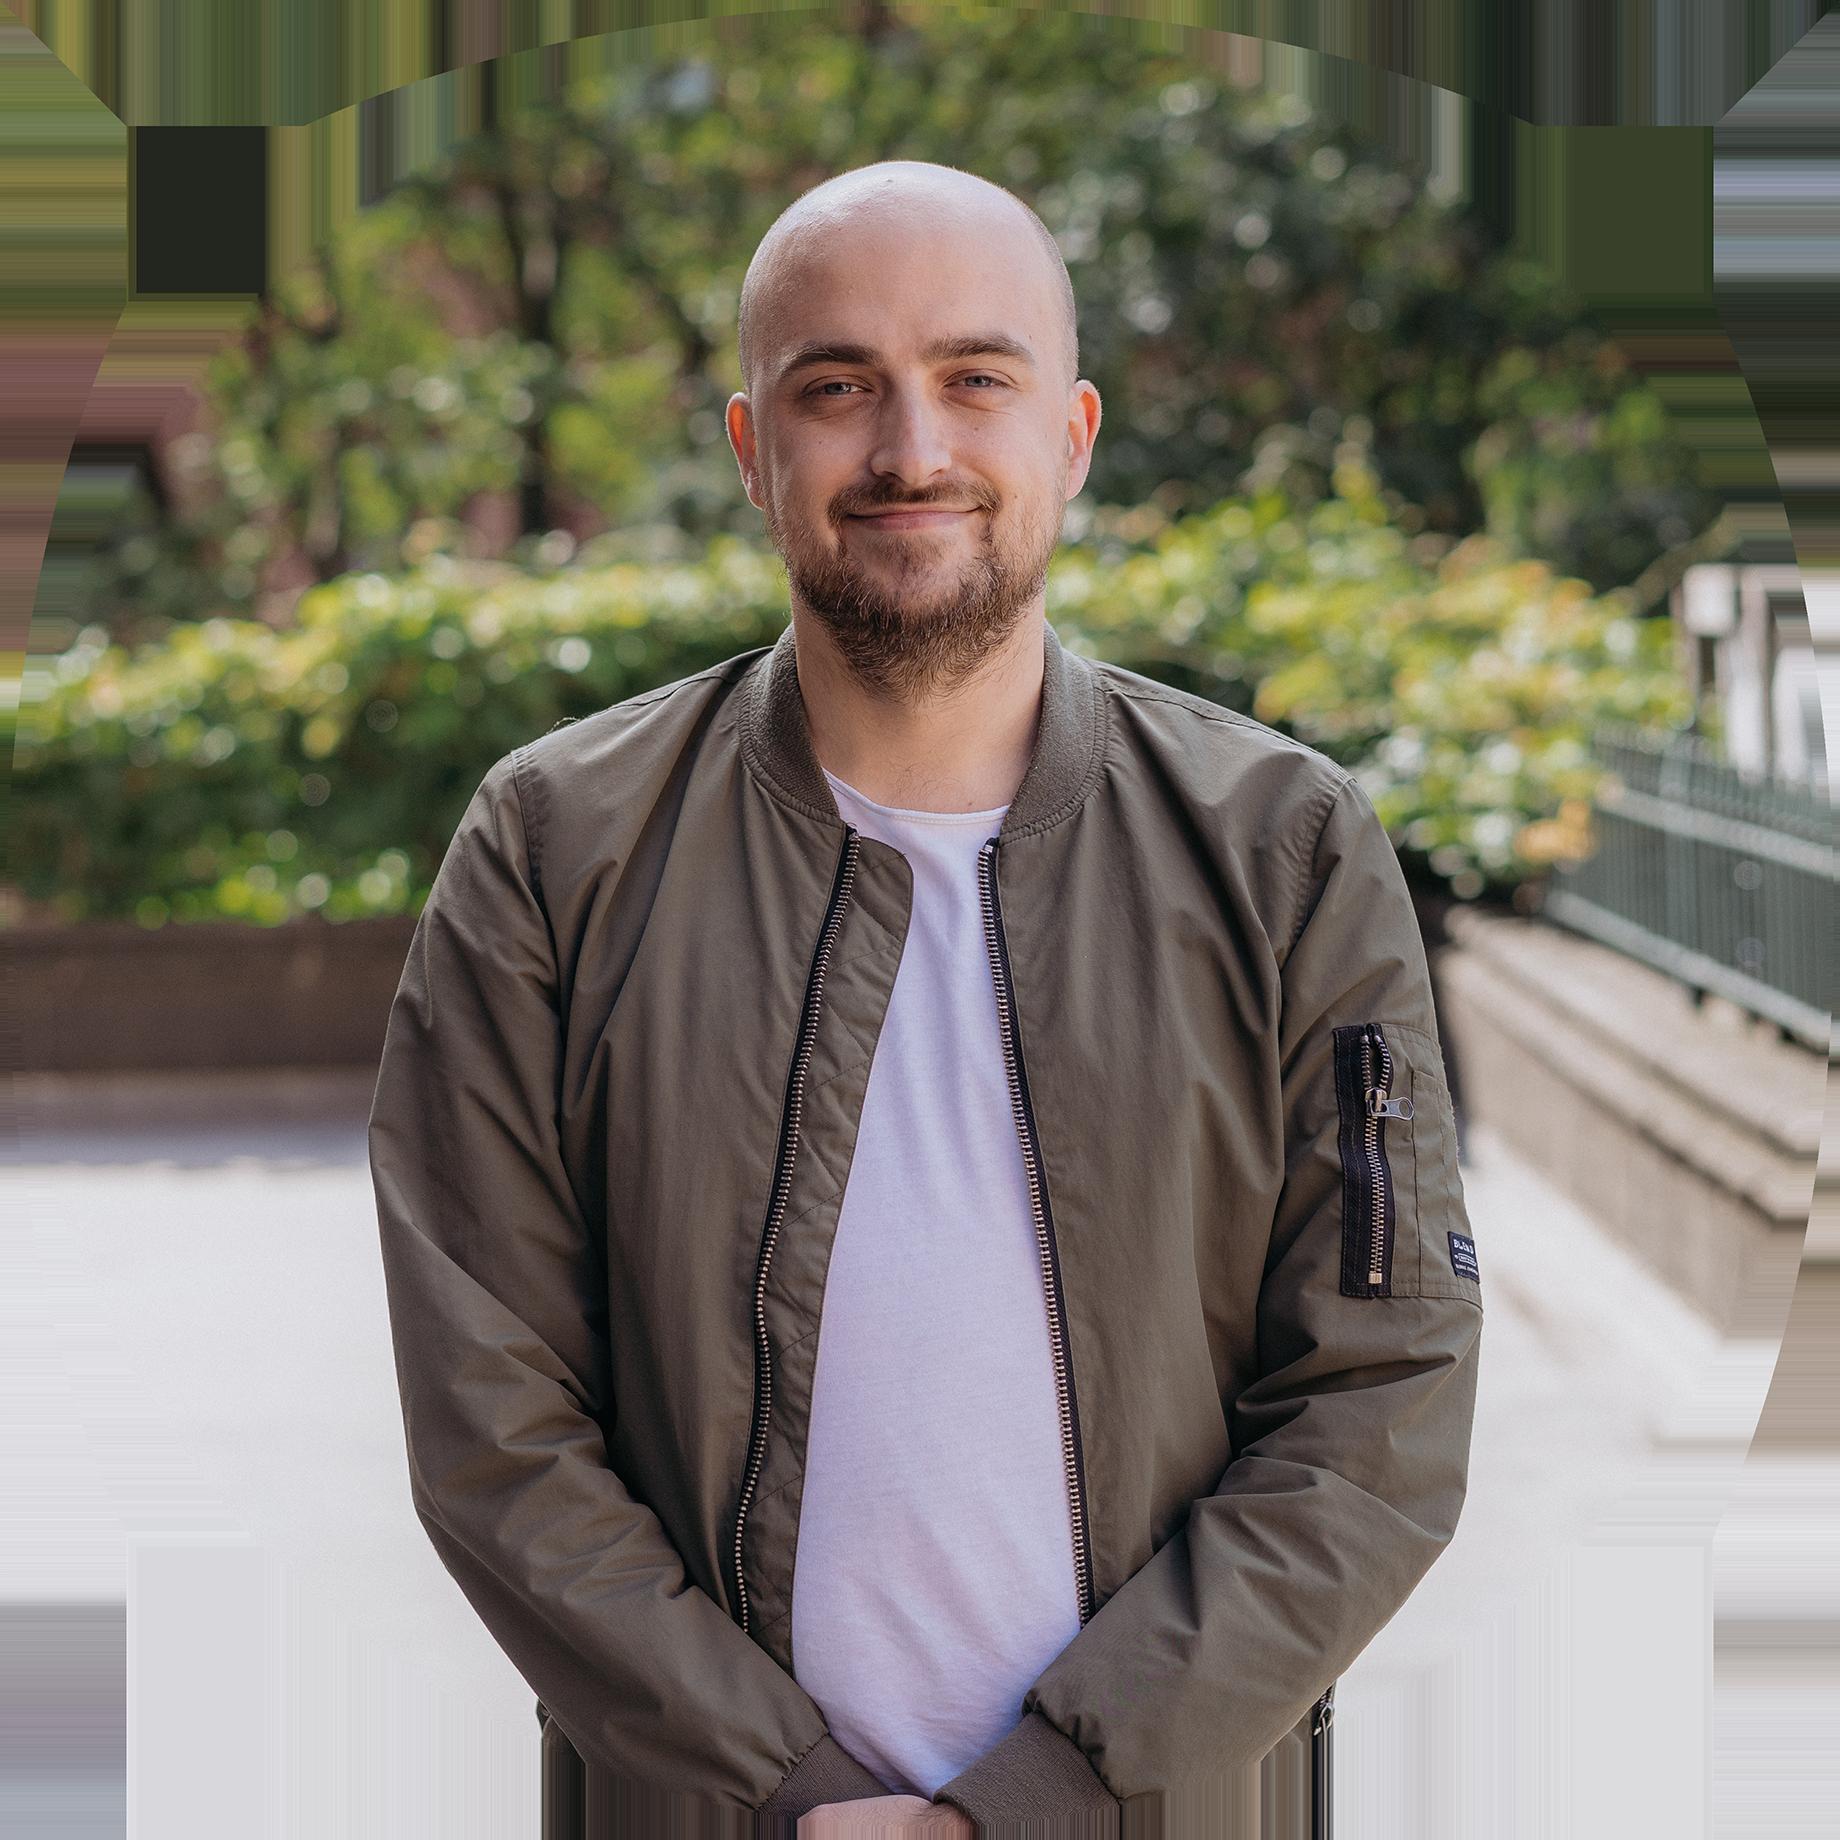 Alasdair Elmes - Creative Media Manager